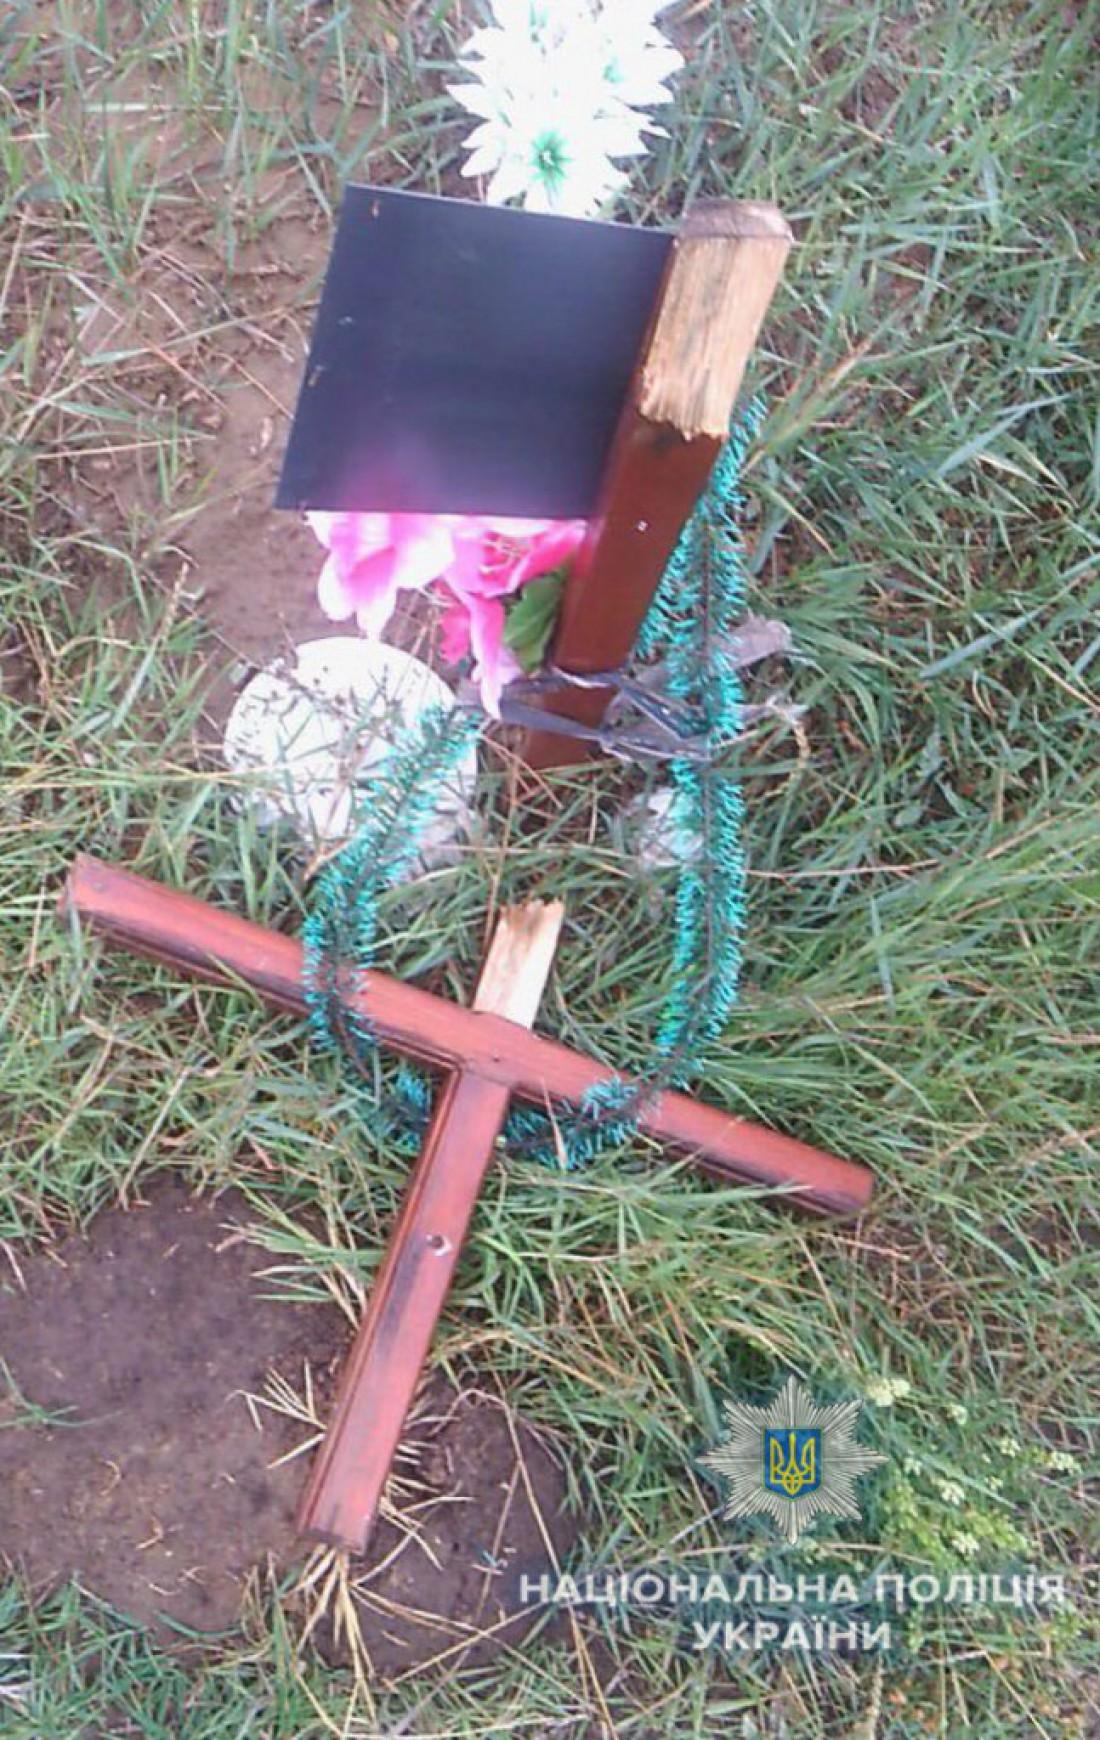 В Одесской области подросток сломал 54 могильных креста